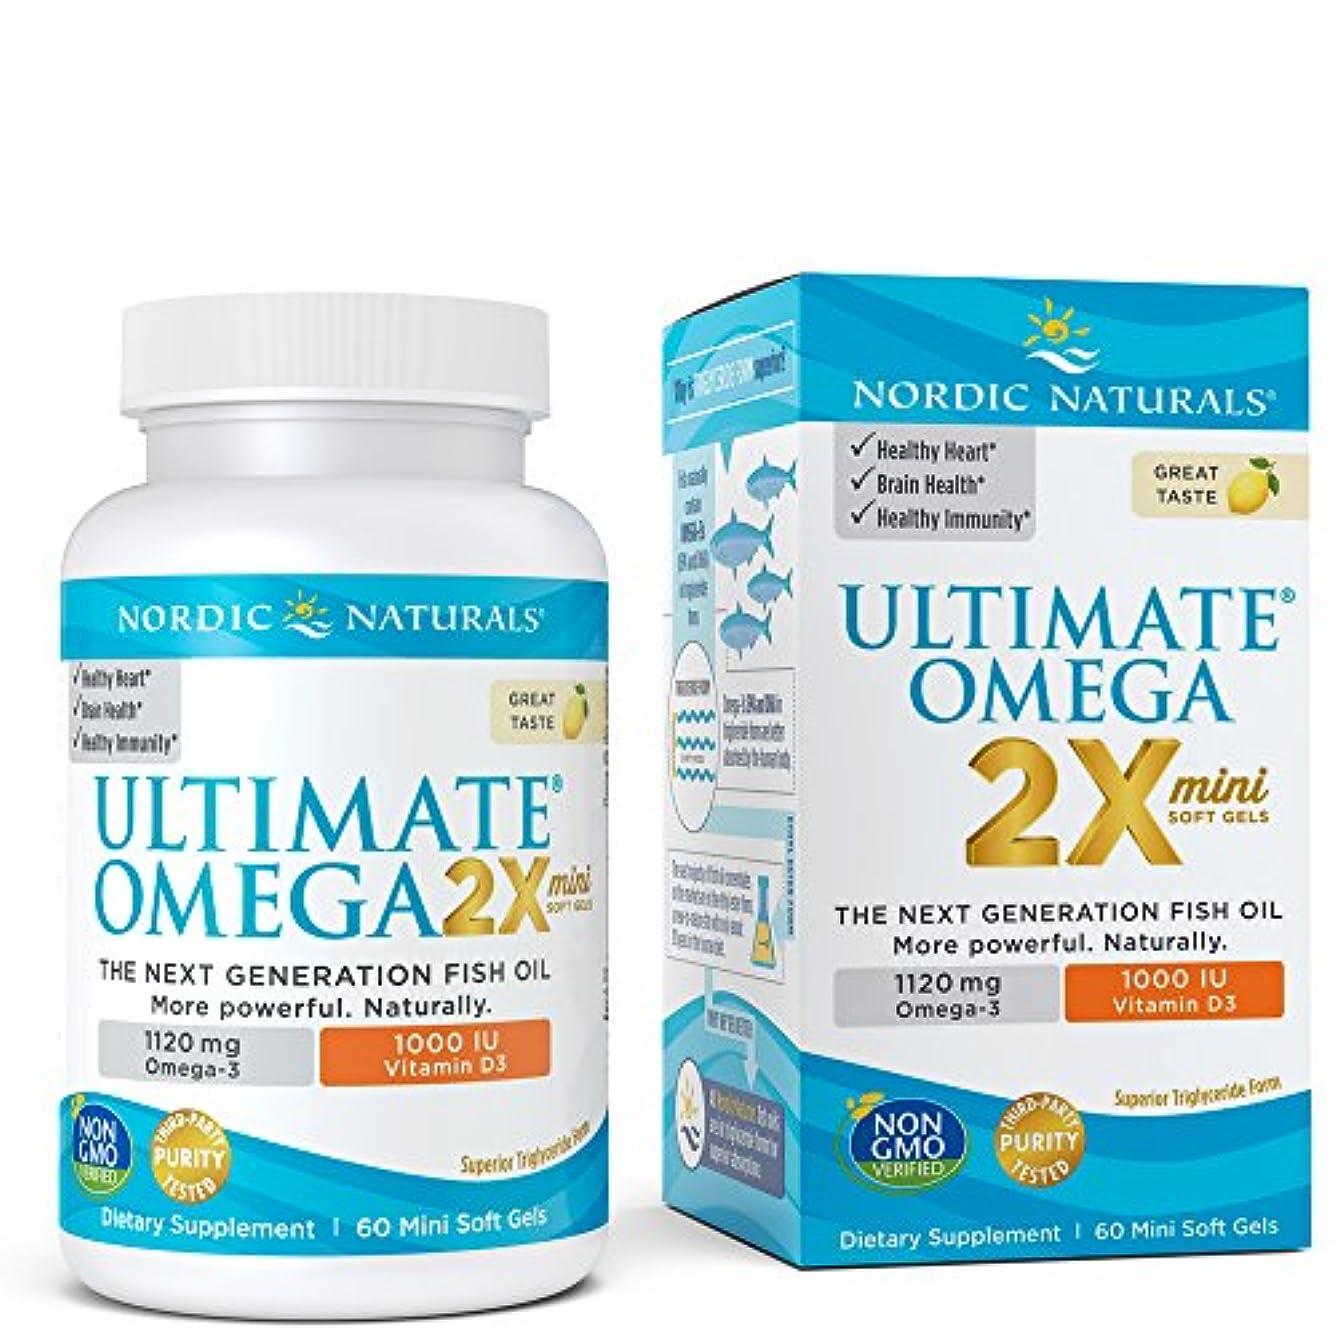 フェンスクッション同じNordic Naturals Ultimate Omega 2x Mini with D3 アルティメットオメガ 2x ミニ ウィズ D3 レモン味 60錠 [海外直送品]